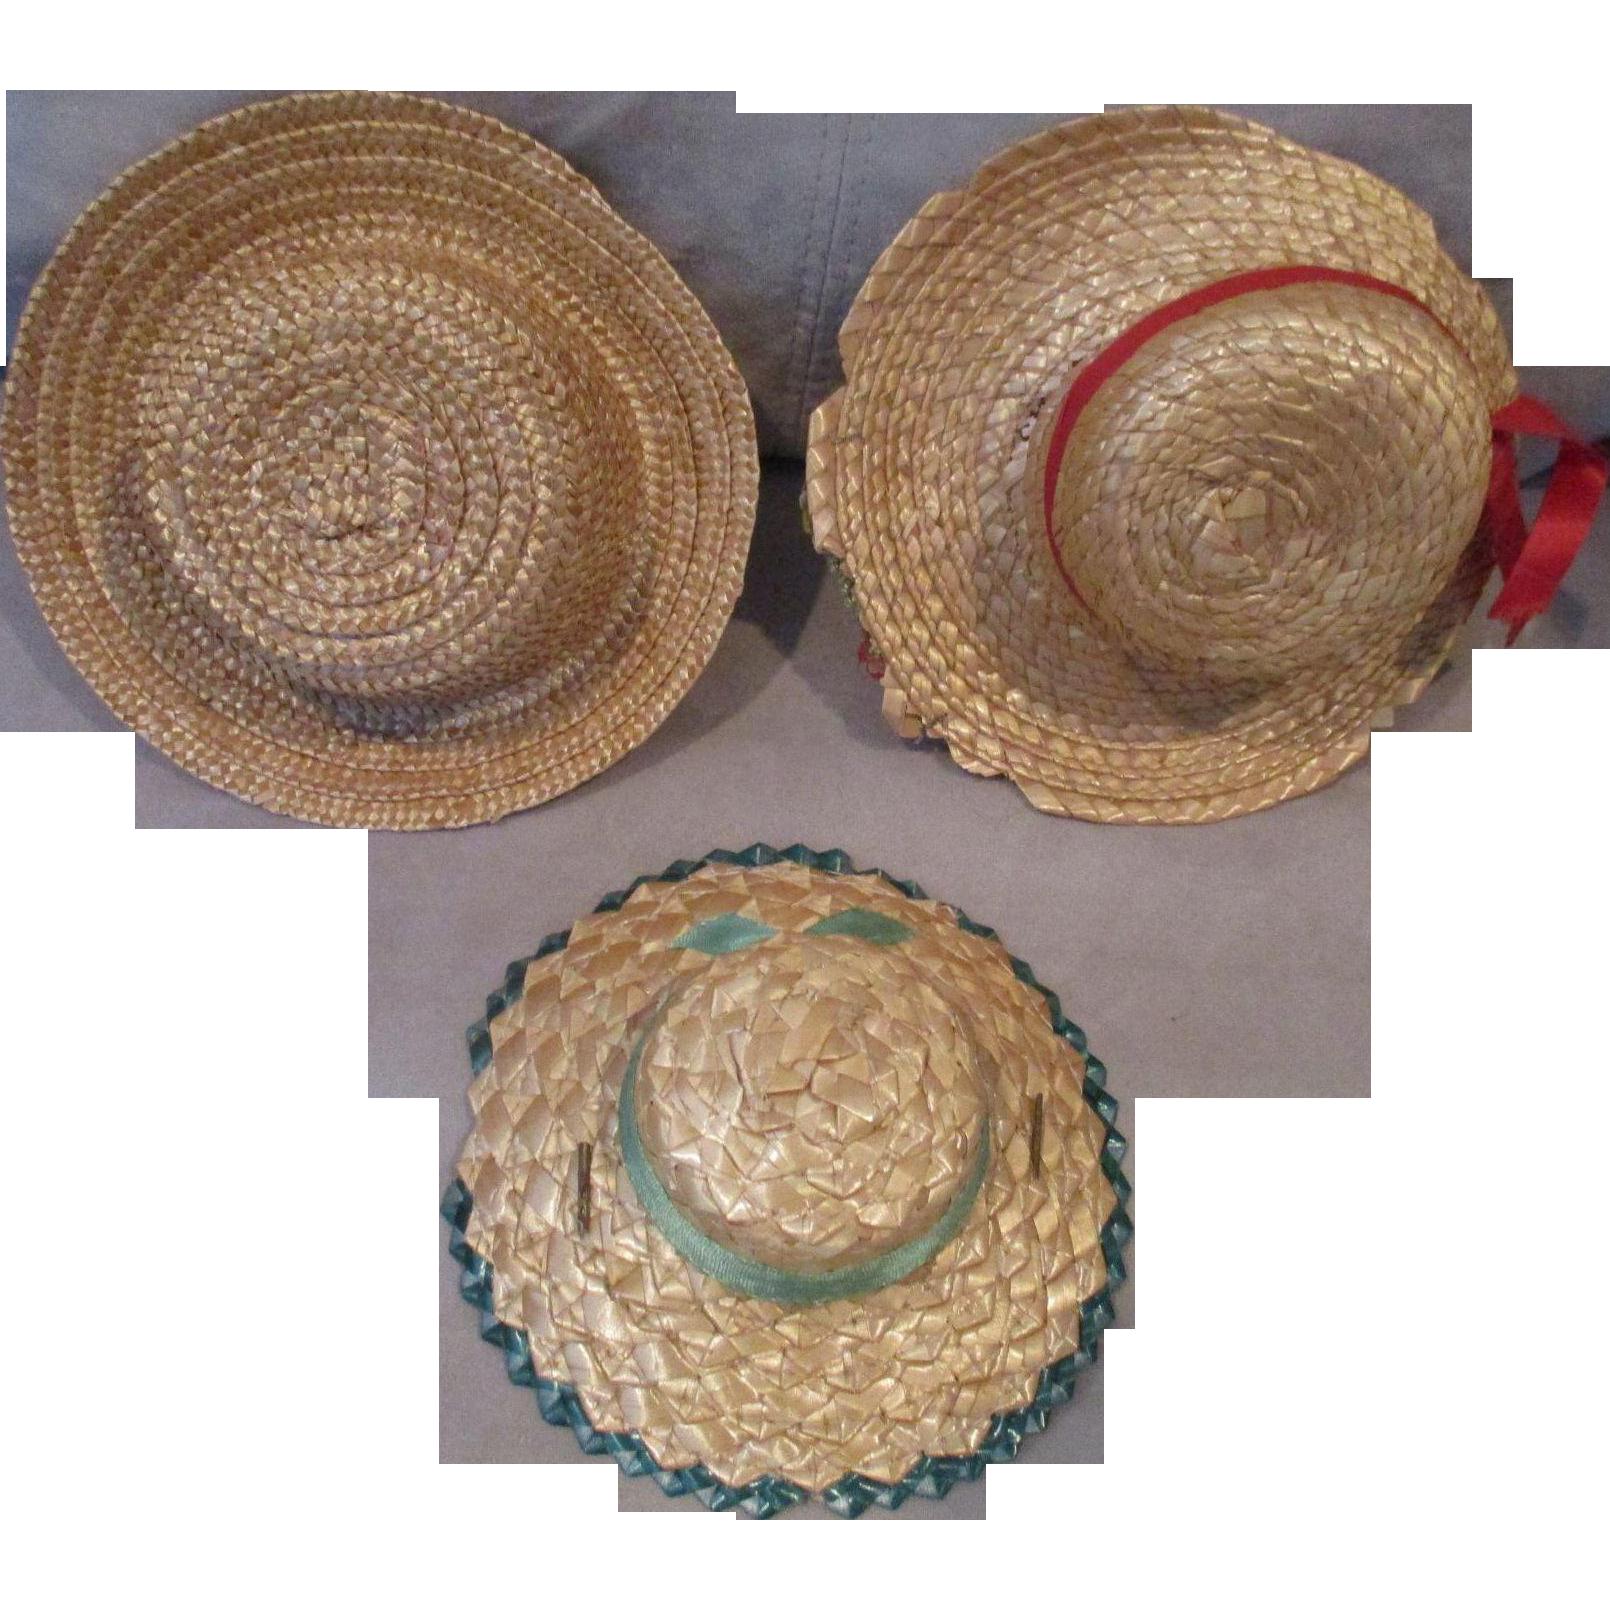 Three Straw Hats